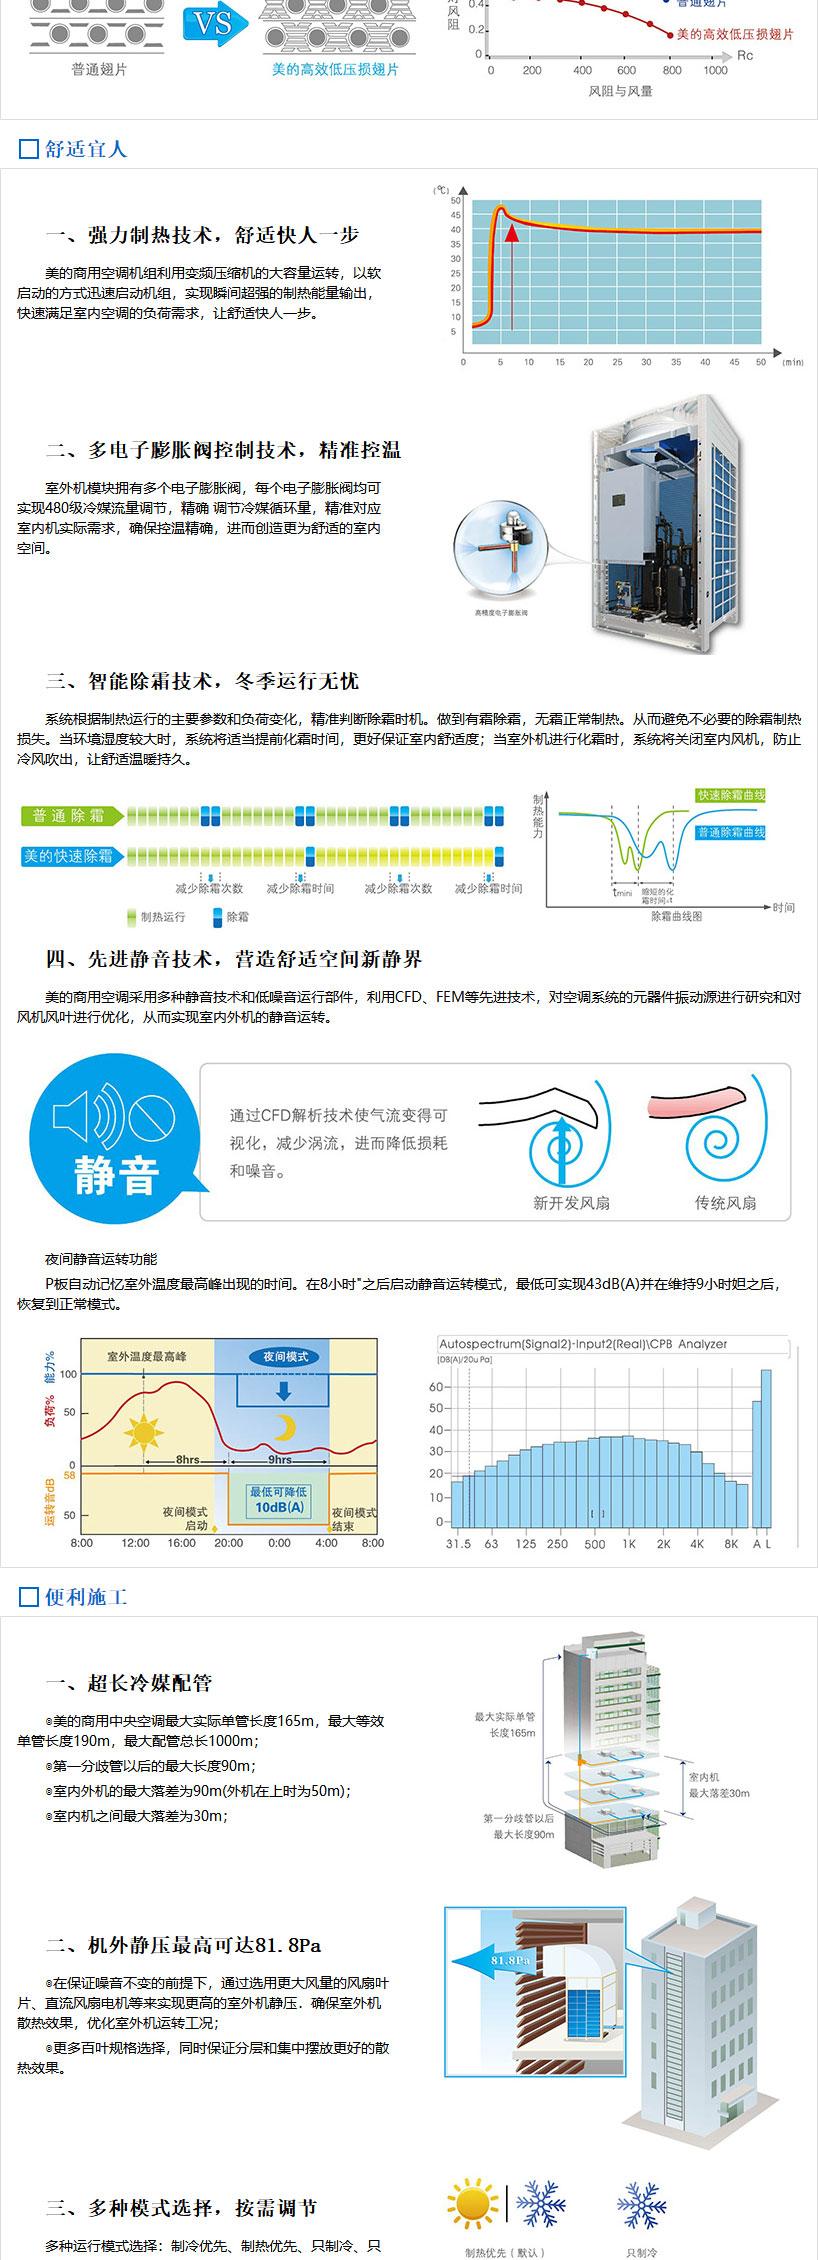 无锡美的商用中央空调-美的MDVX系列直流变频商用空调介绍_03